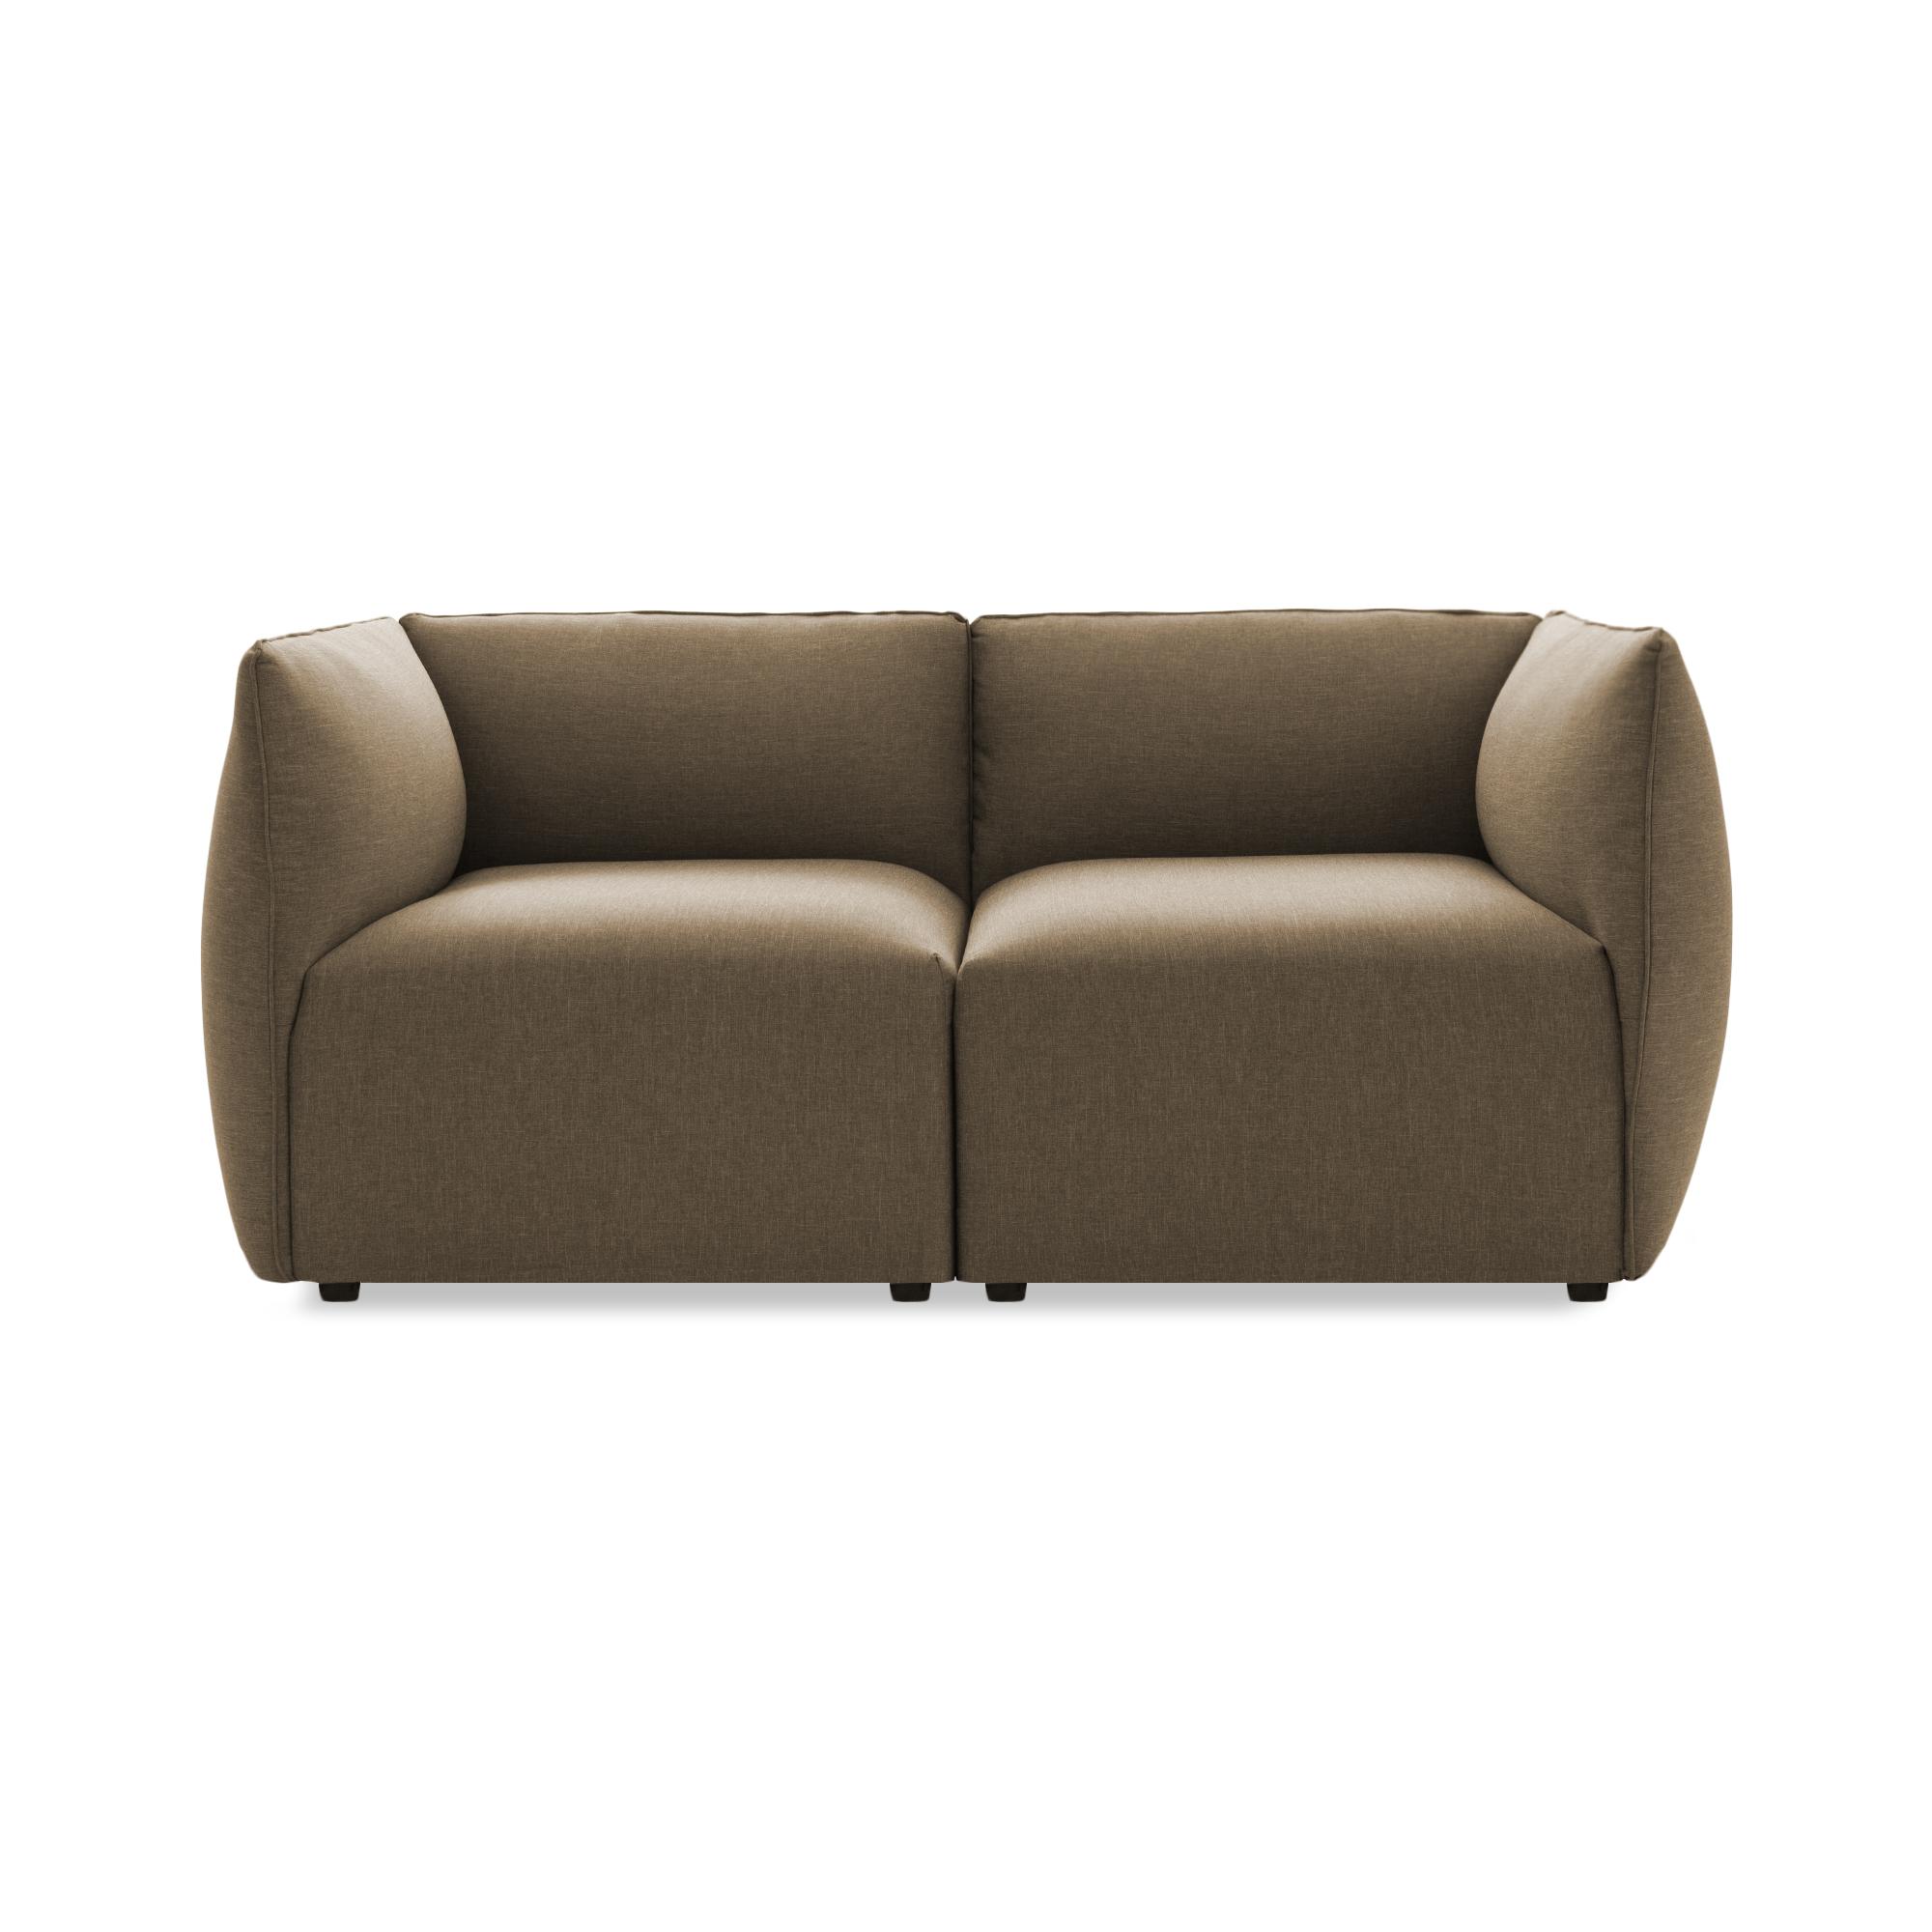 Canapea Fixa 2 locuri Cube Beige